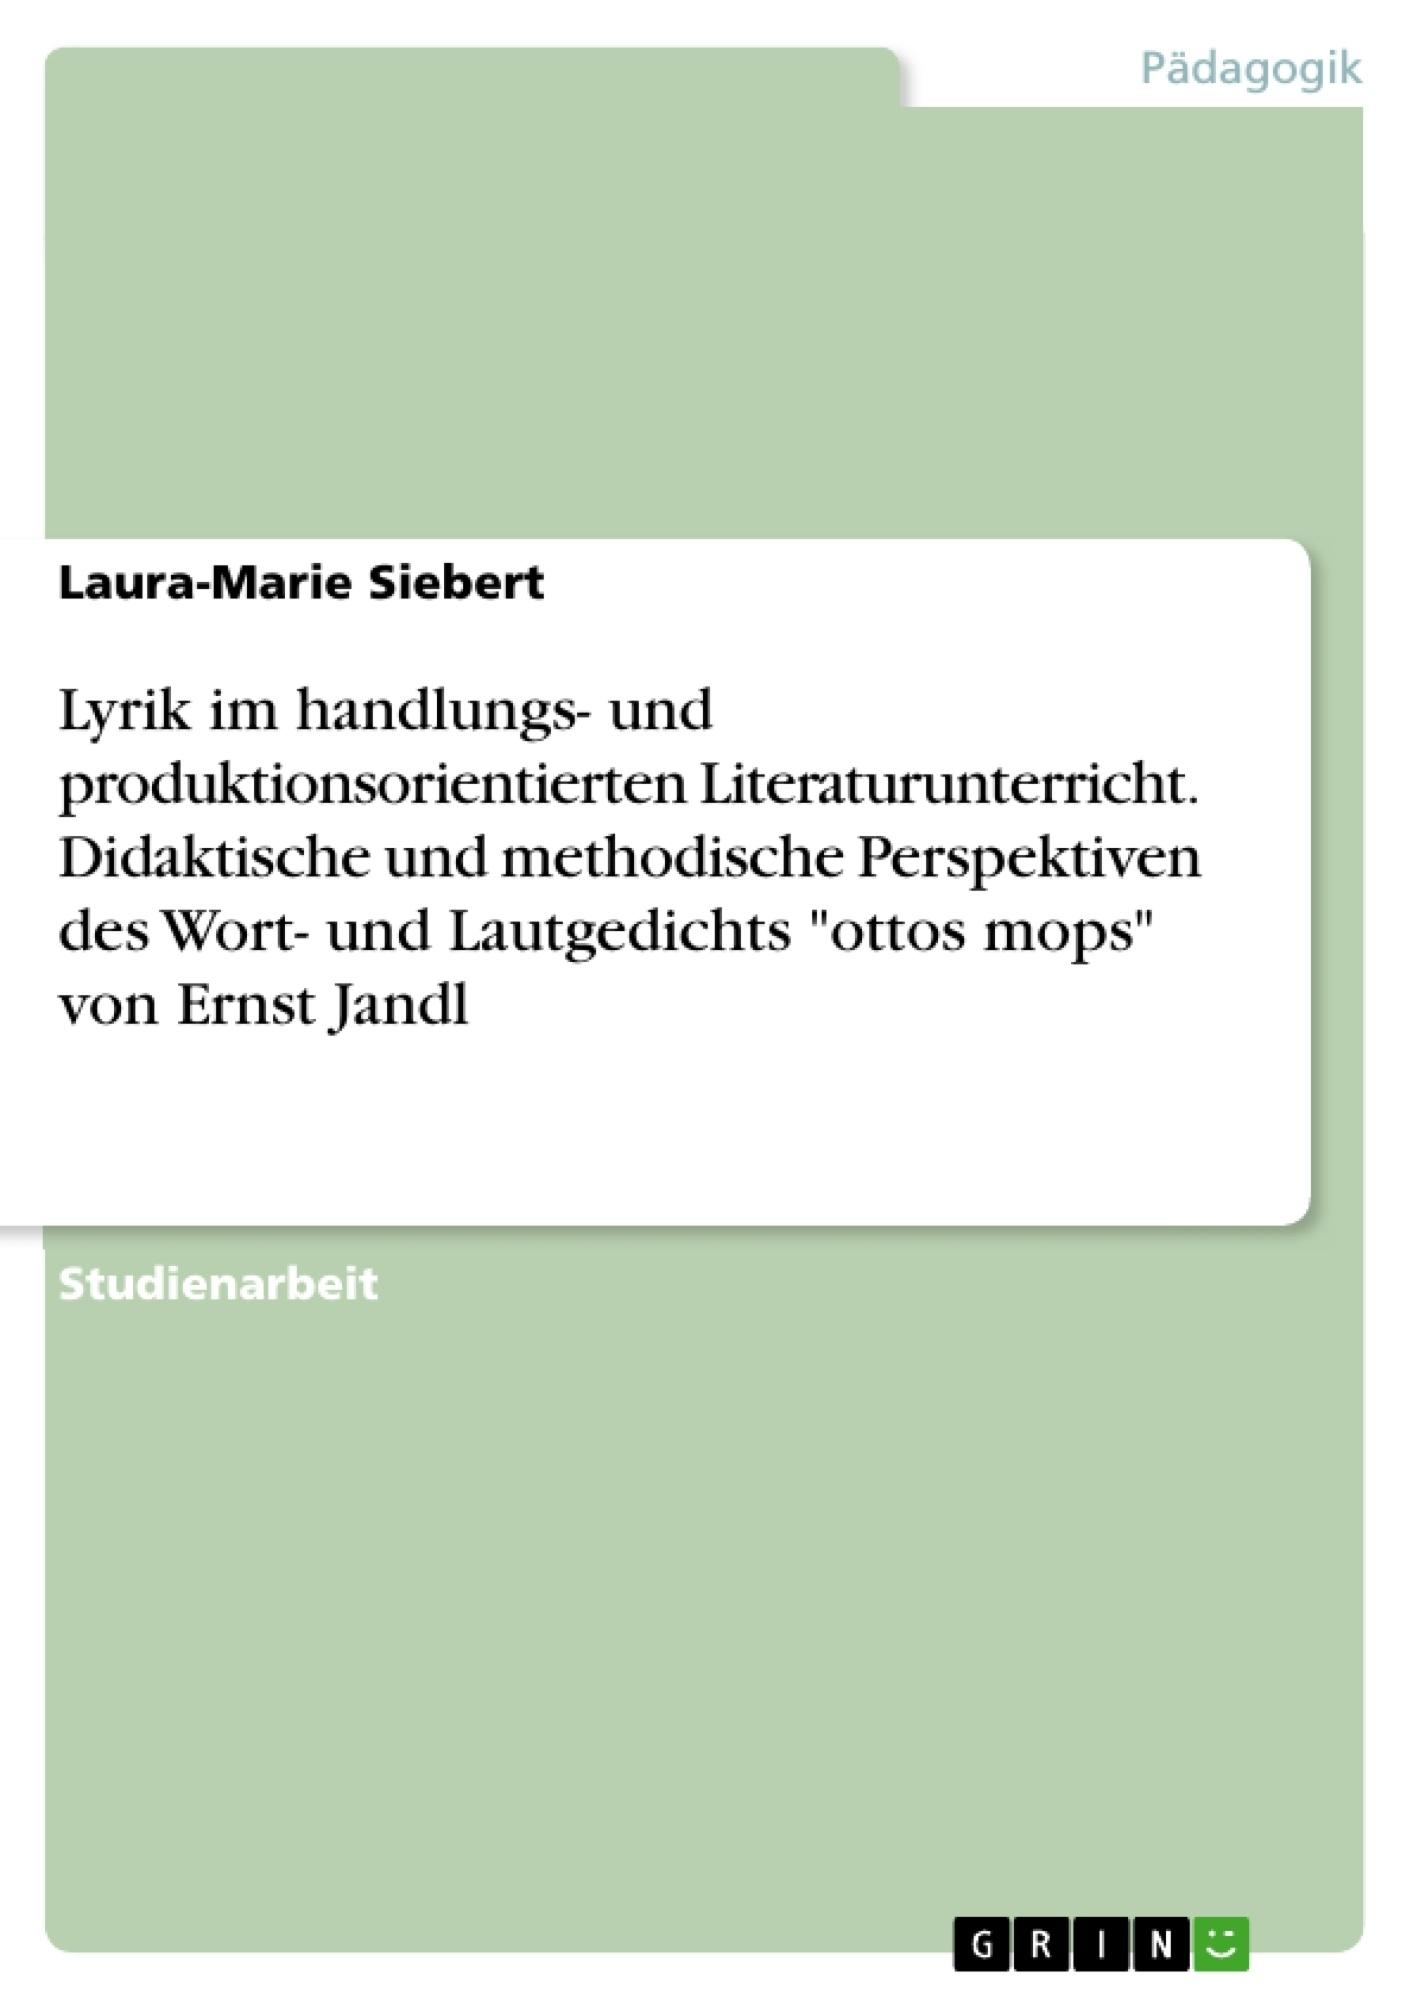 """Titel: Lyrik im handlungs- und produktionsorientierten Literaturunterricht. Didaktische und methodische Perspektiven des Wort- und Lautgedichts """"ottos mops"""" von Ernst Jandl"""